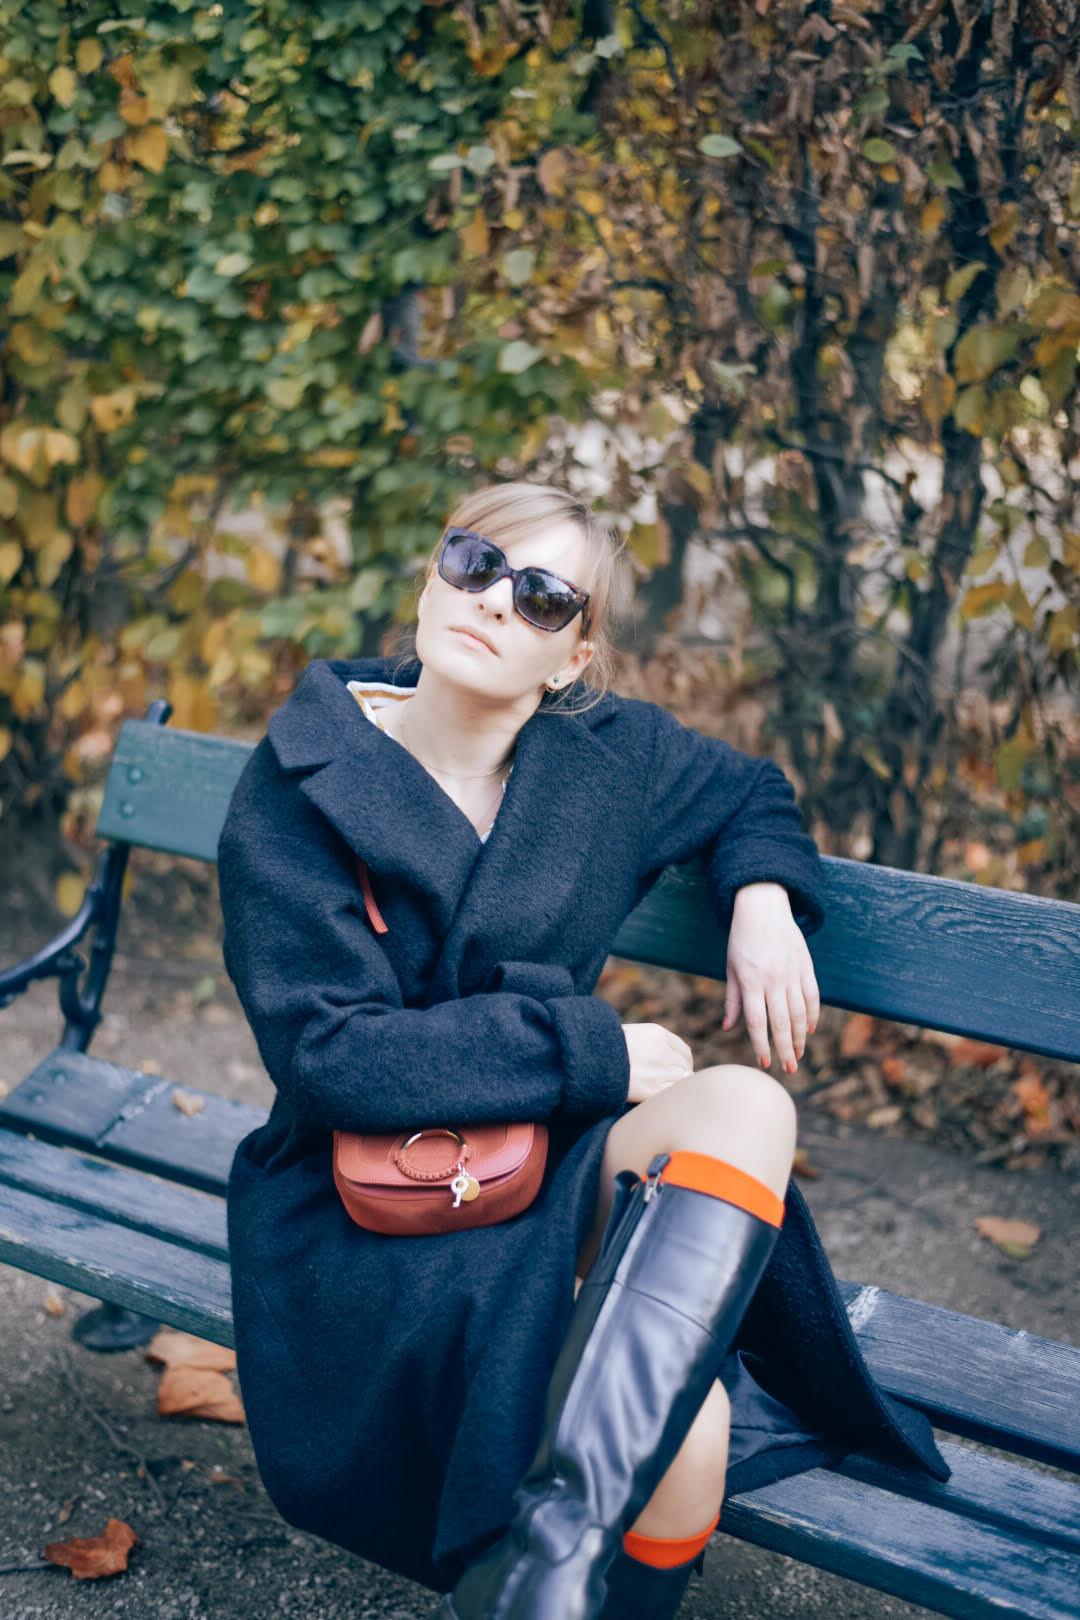 Herbst/Winter Outfit mit Oversize-Mantel, Stiefeln und roten Akzenten